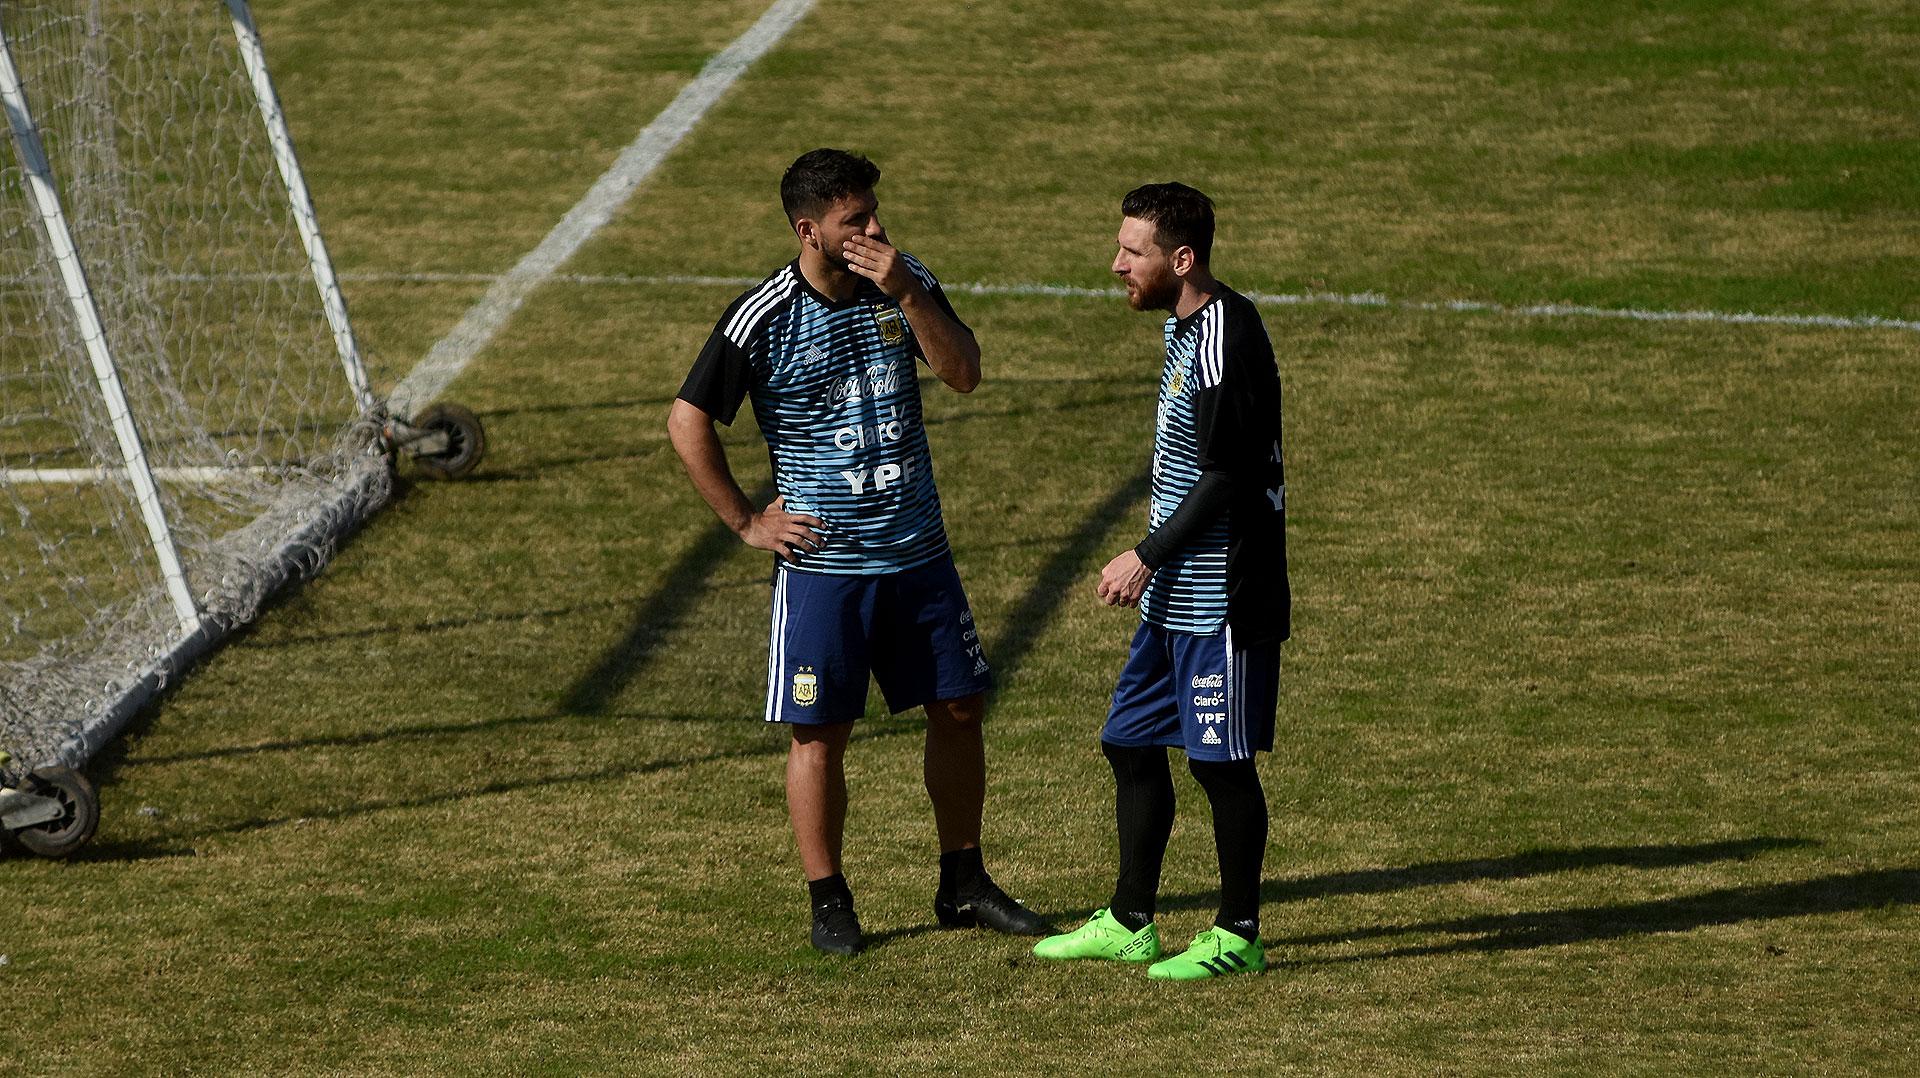 La charla entre Agüero y Messi, que pasaron los últimos minutos del entrenamiento juntos y recibieron a dos hinchas argentinos con síndrome de down y a jugadores de la selección de talla baja